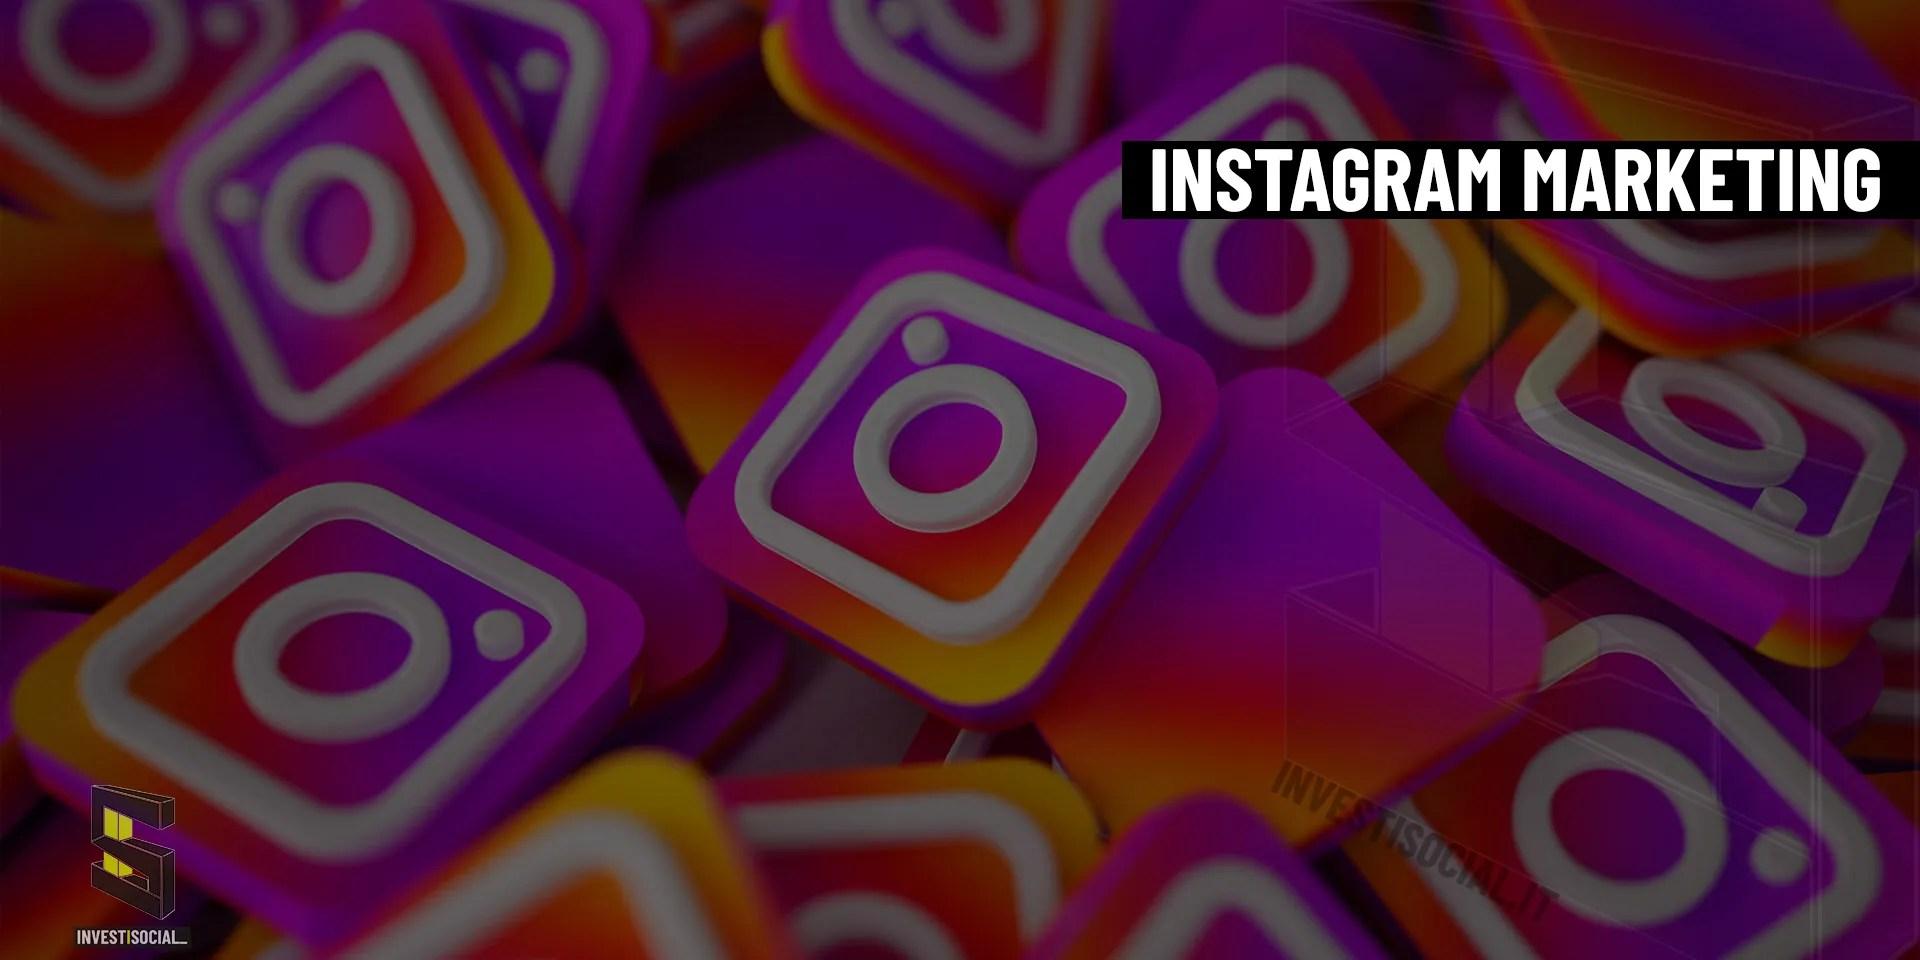 Instagram-Marketing-perchè-è-importante